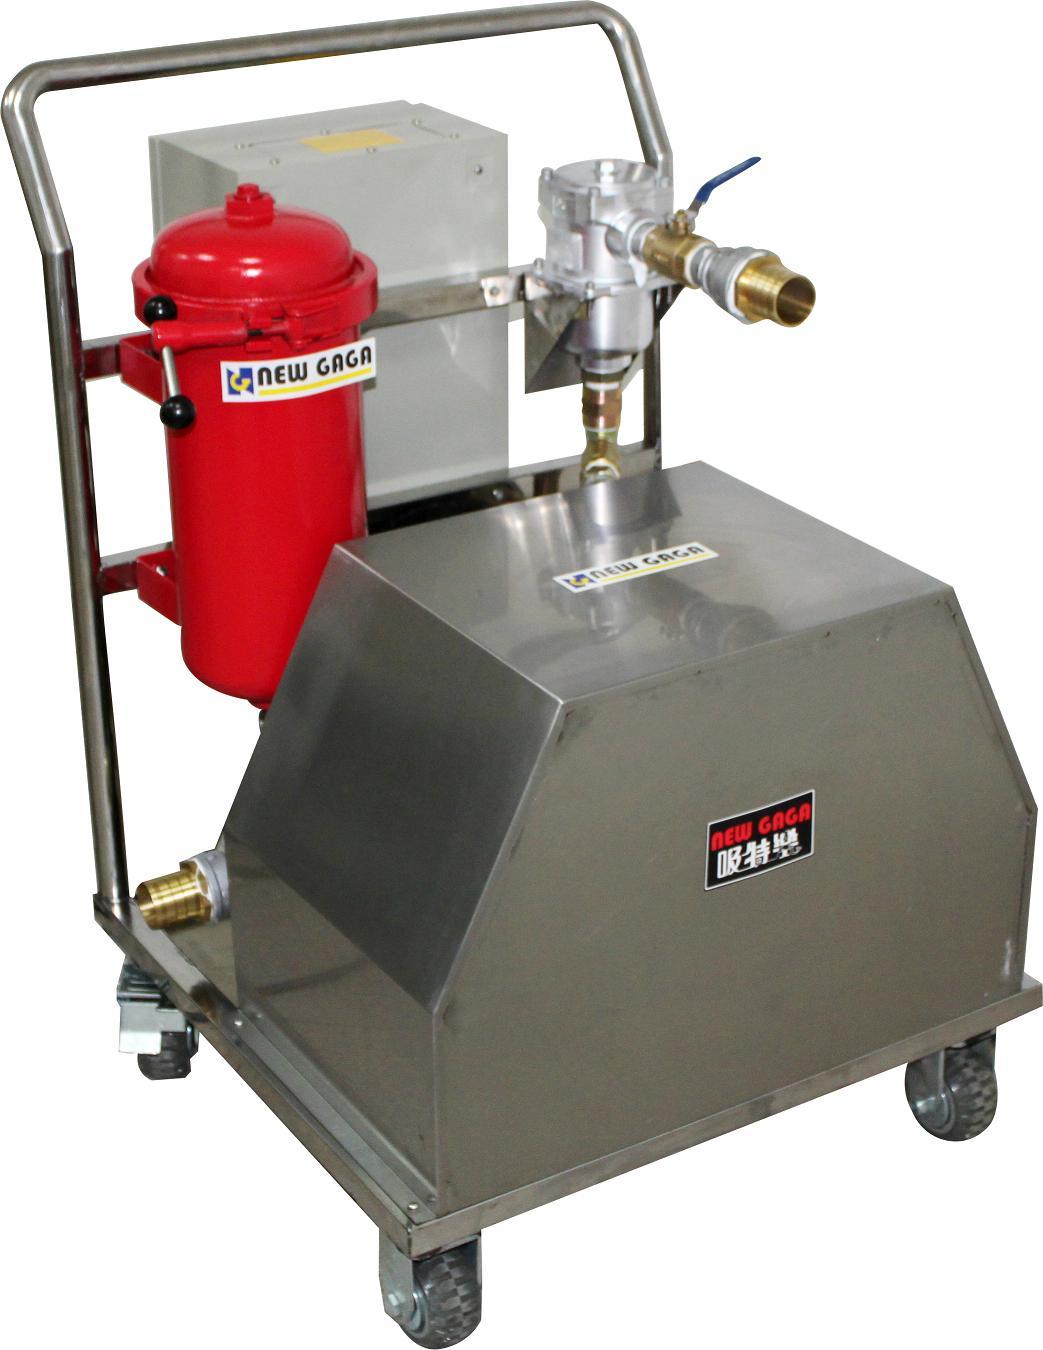 吸特樂GK-1550 OIL 工業濾油機